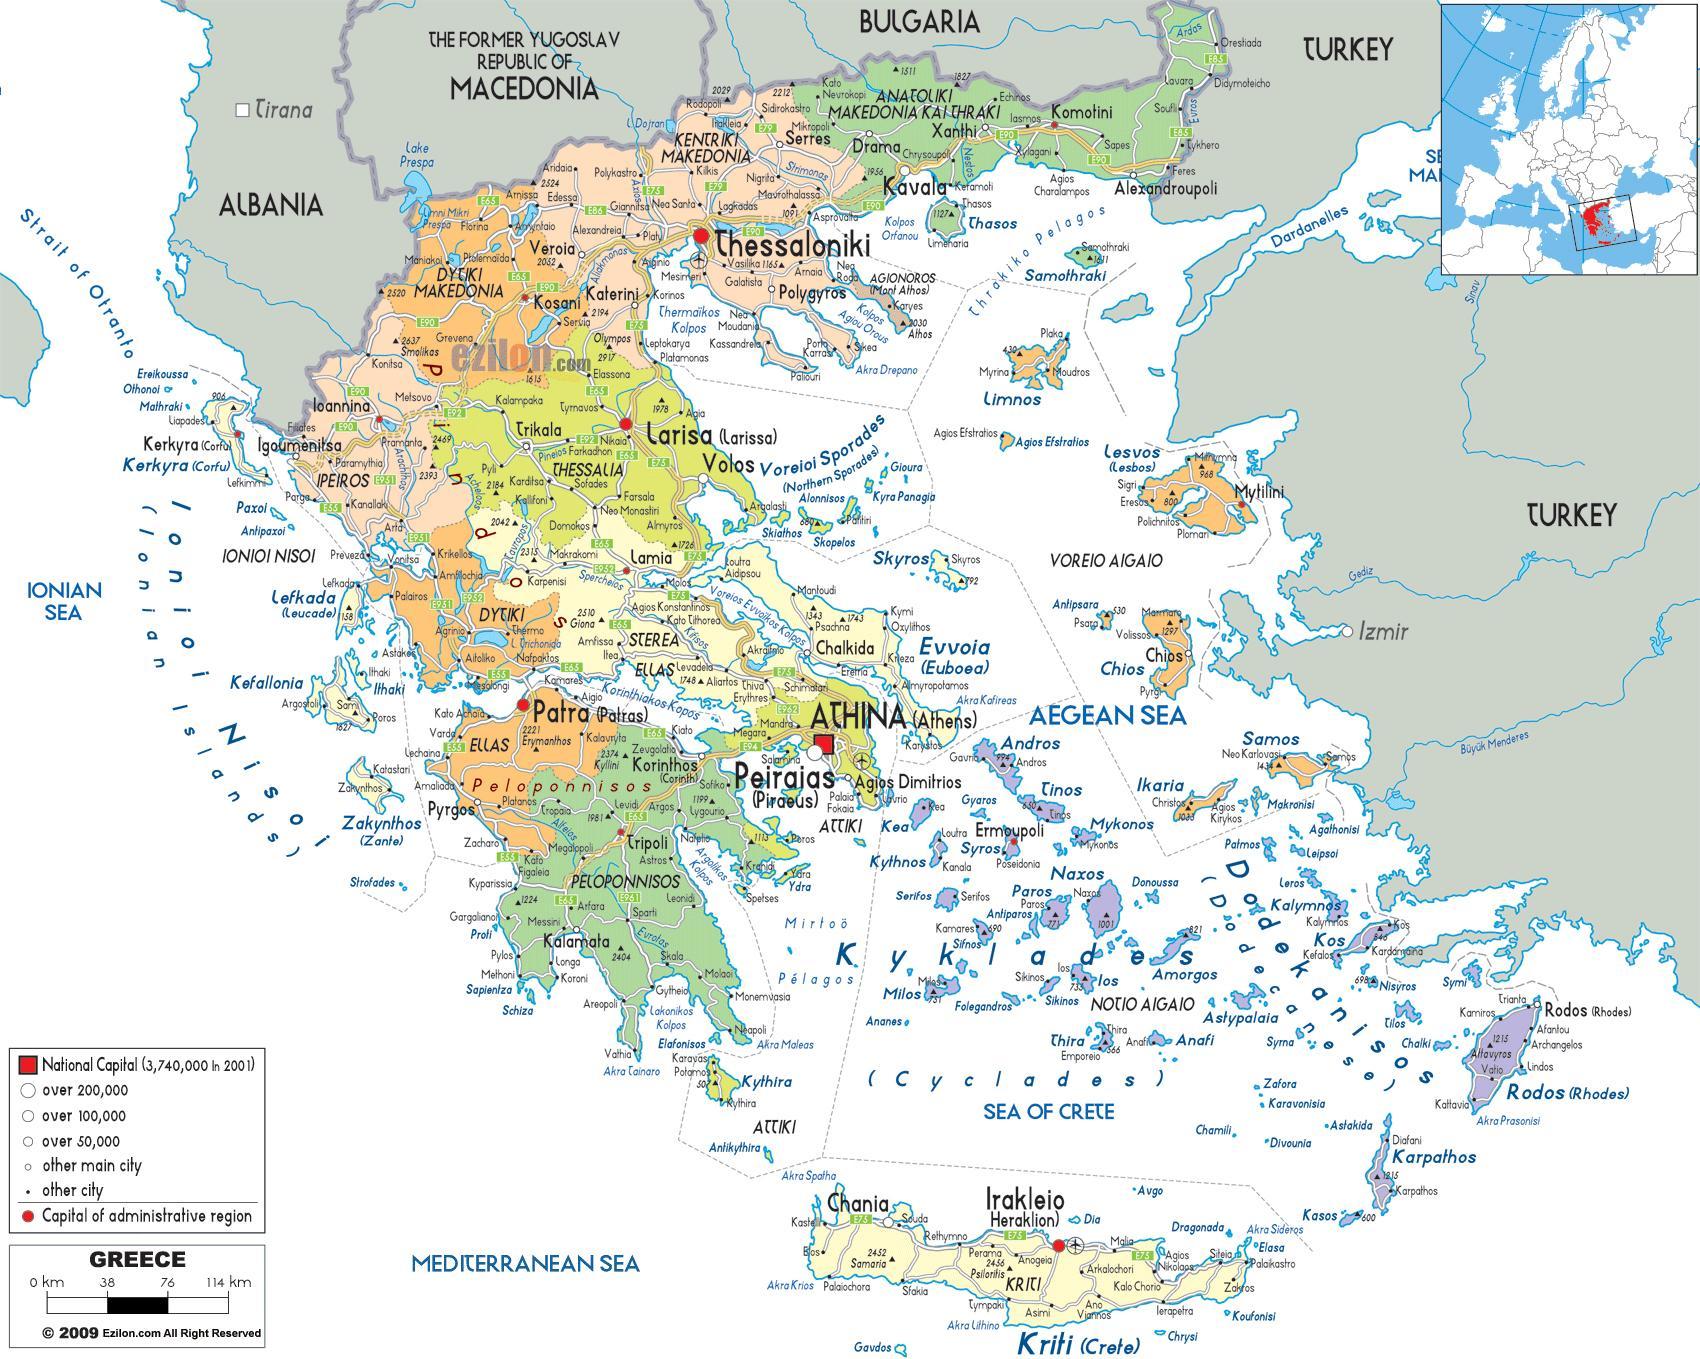 grčka mapa Grčka gradova mapu   Mapa Grčka je sa gradovima (Južnoj Europi  grčka mapa